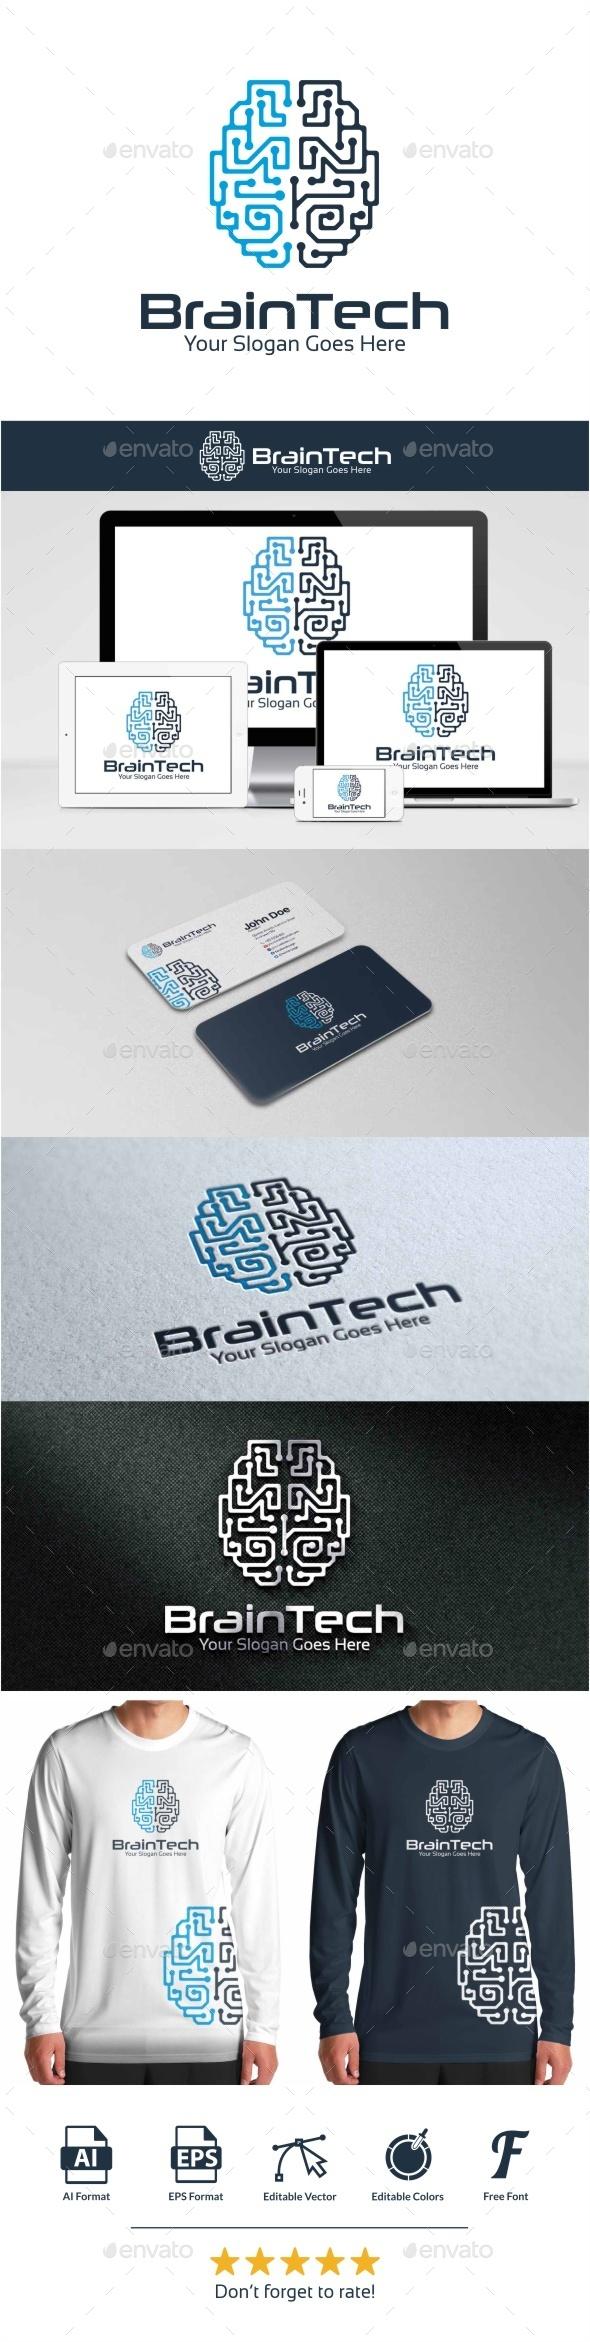 BrainTech Logo - Vector Abstract